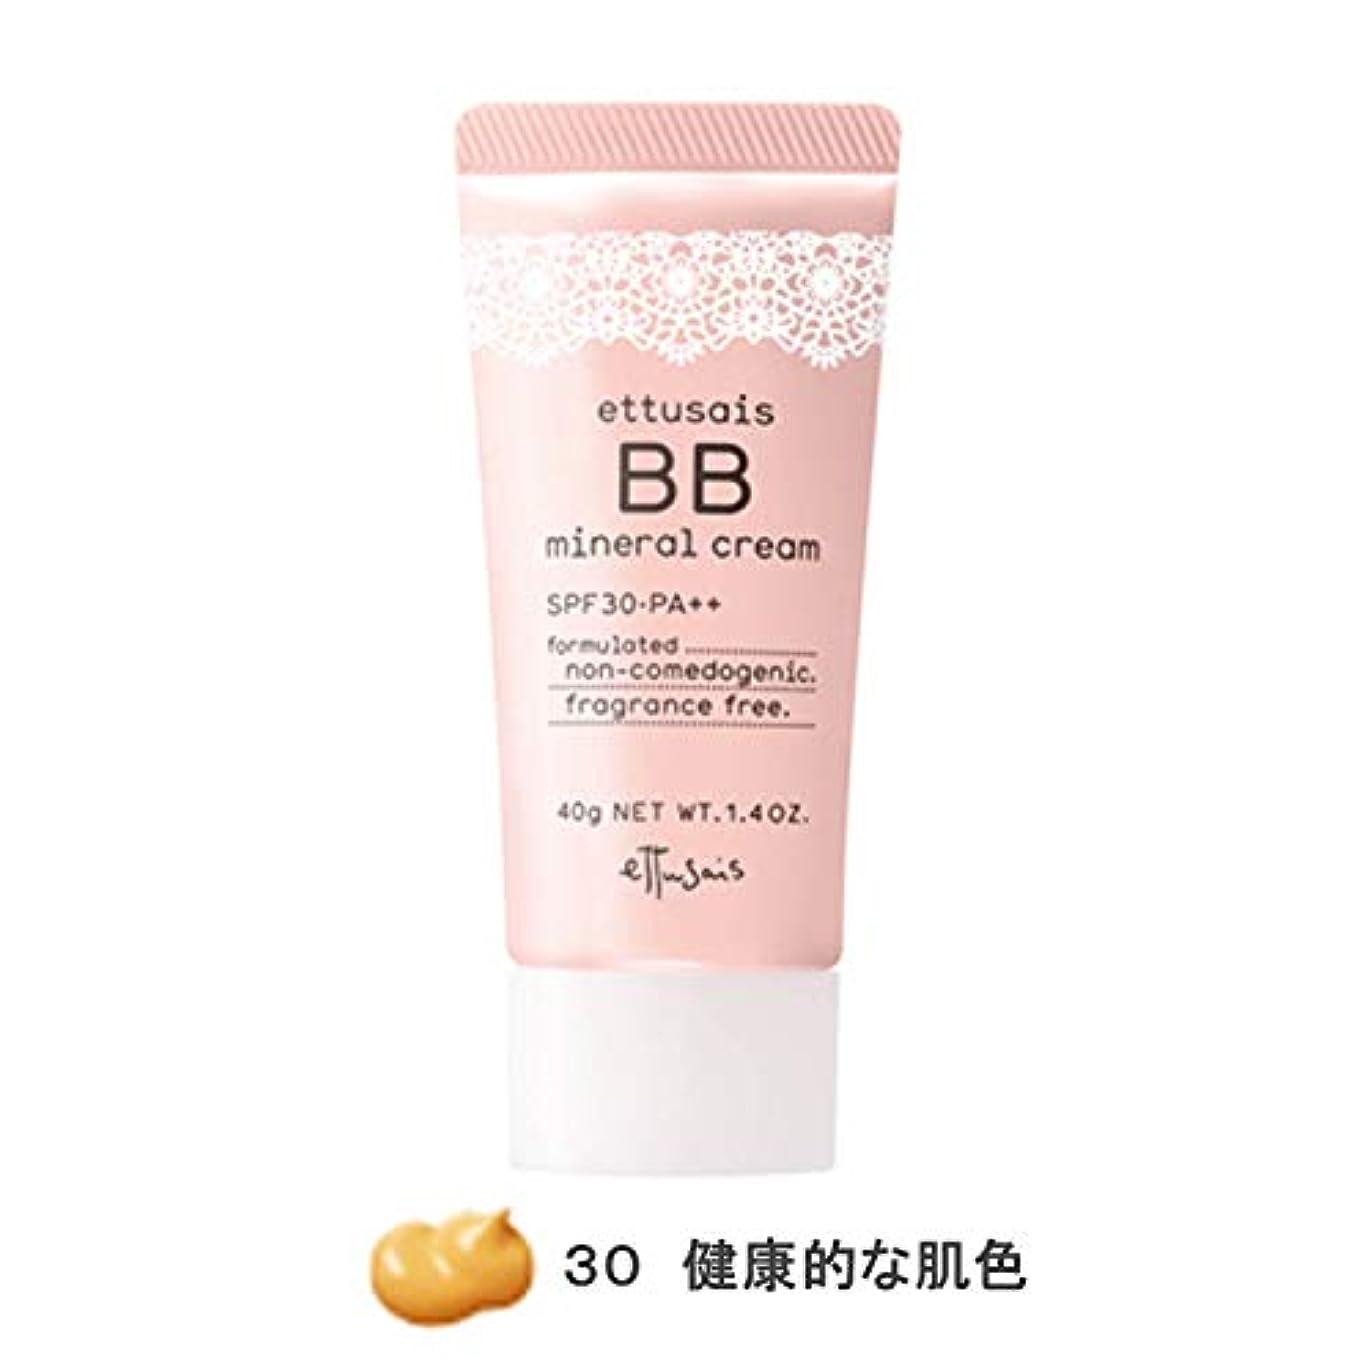 表向き甥理容師エテュセ BBミネラルクリーム 30(健康的な肌色) SPF30?PA++ 40g